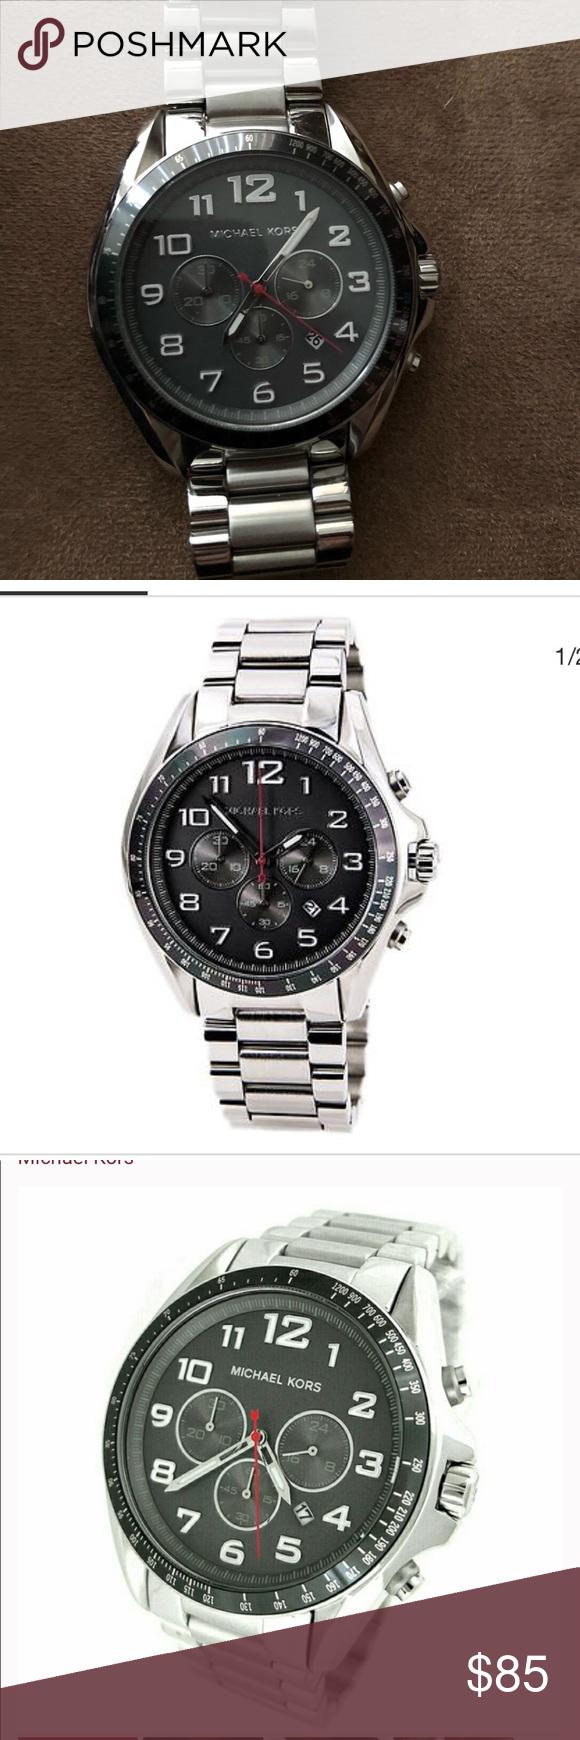 c39bc71e70ef Michael Kors Men s Bradshaw watch model  MK8245 Michael Kors Men s Watch.  Model  8245